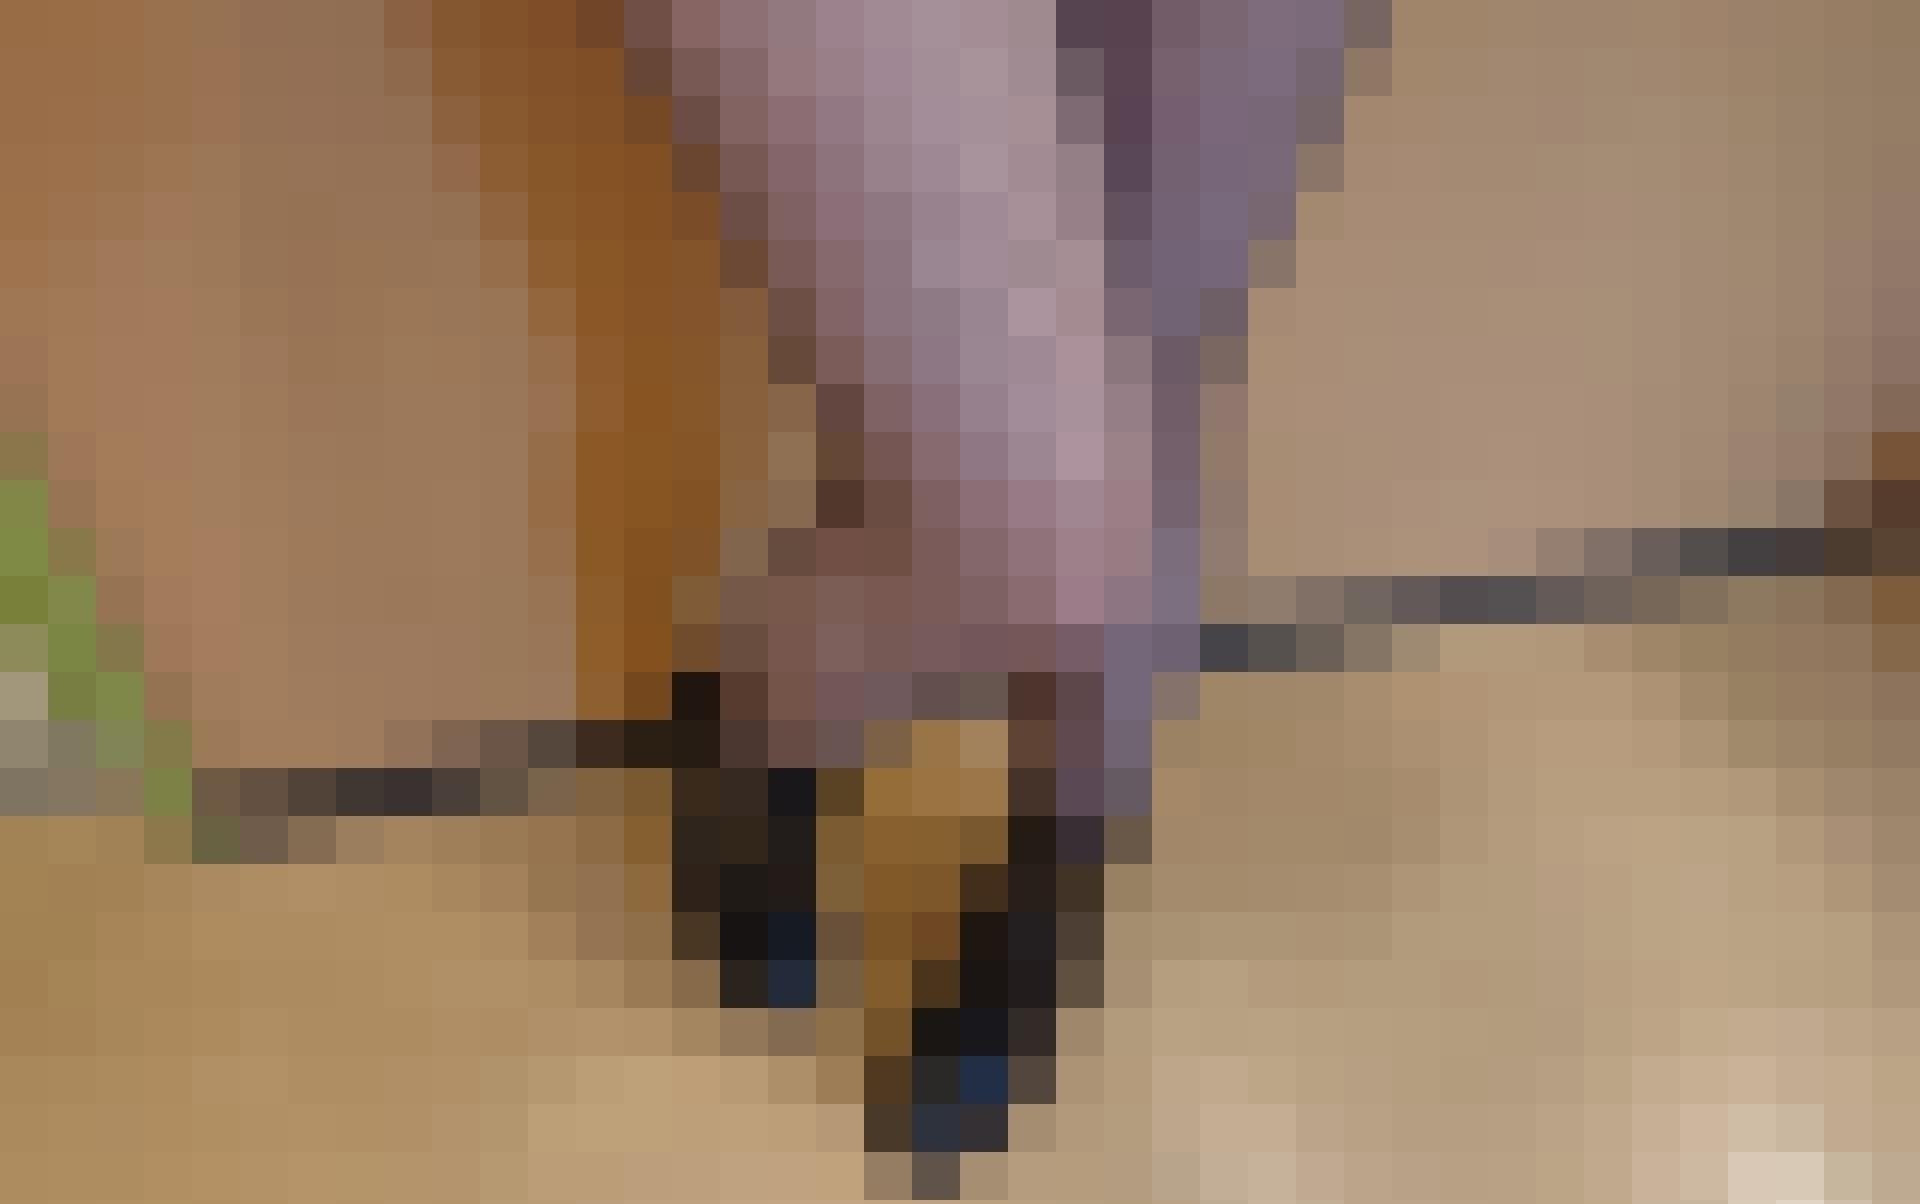 カナさんの脚